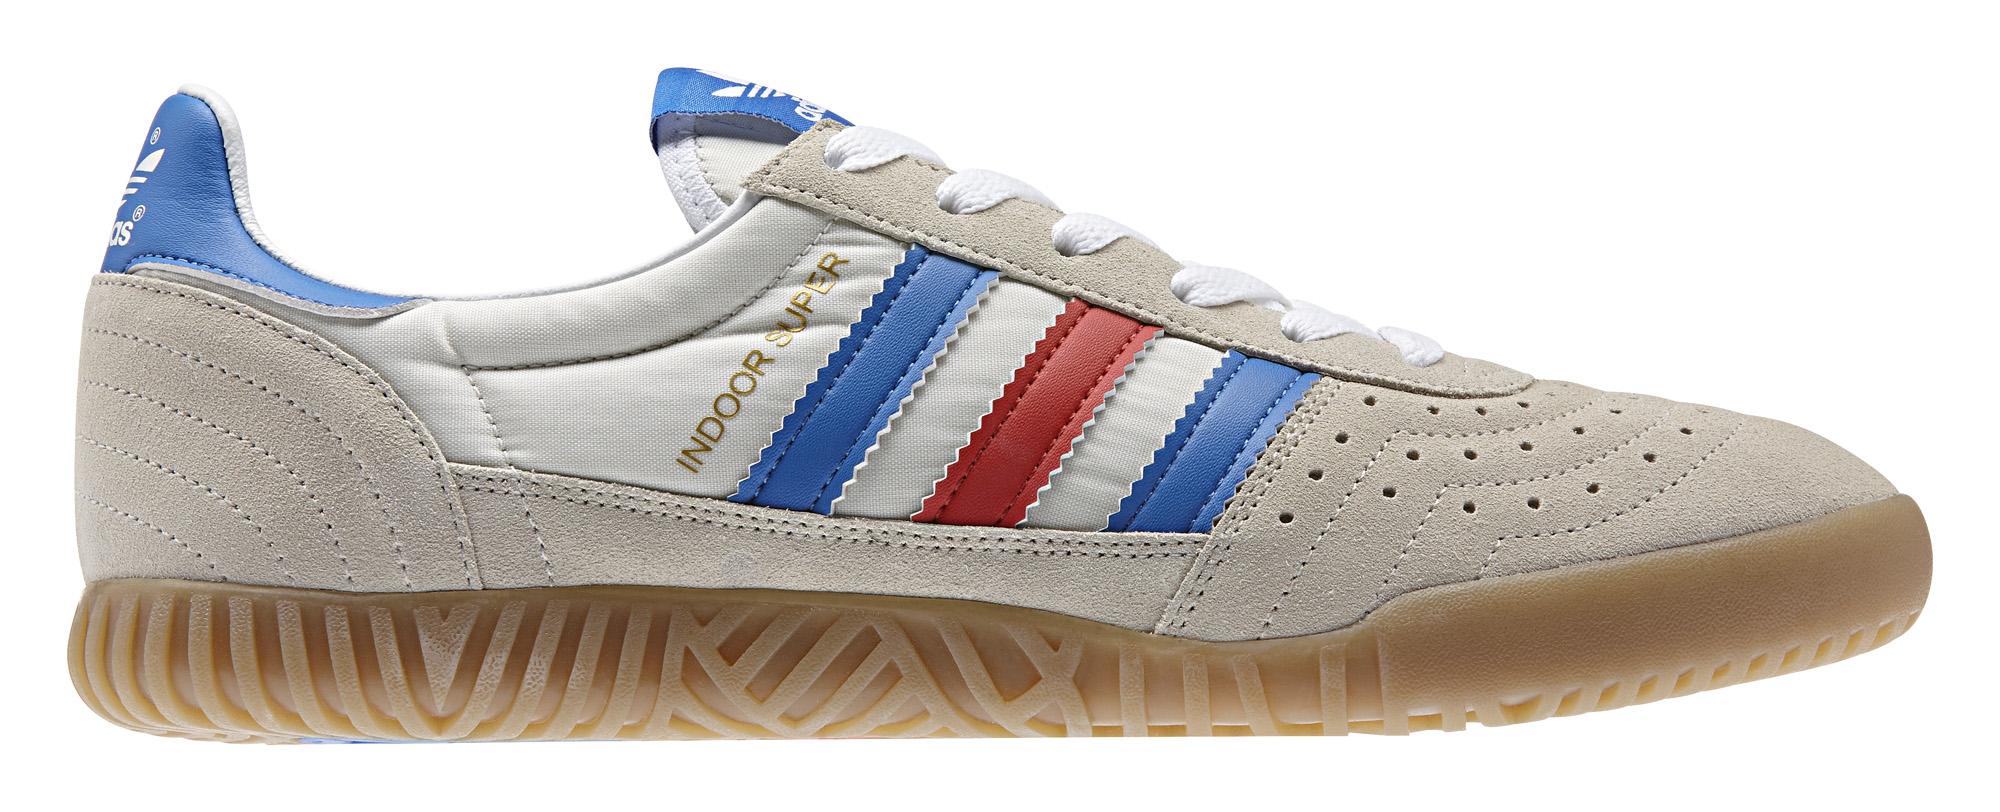 0322920ec55 Buy adidas special indoor